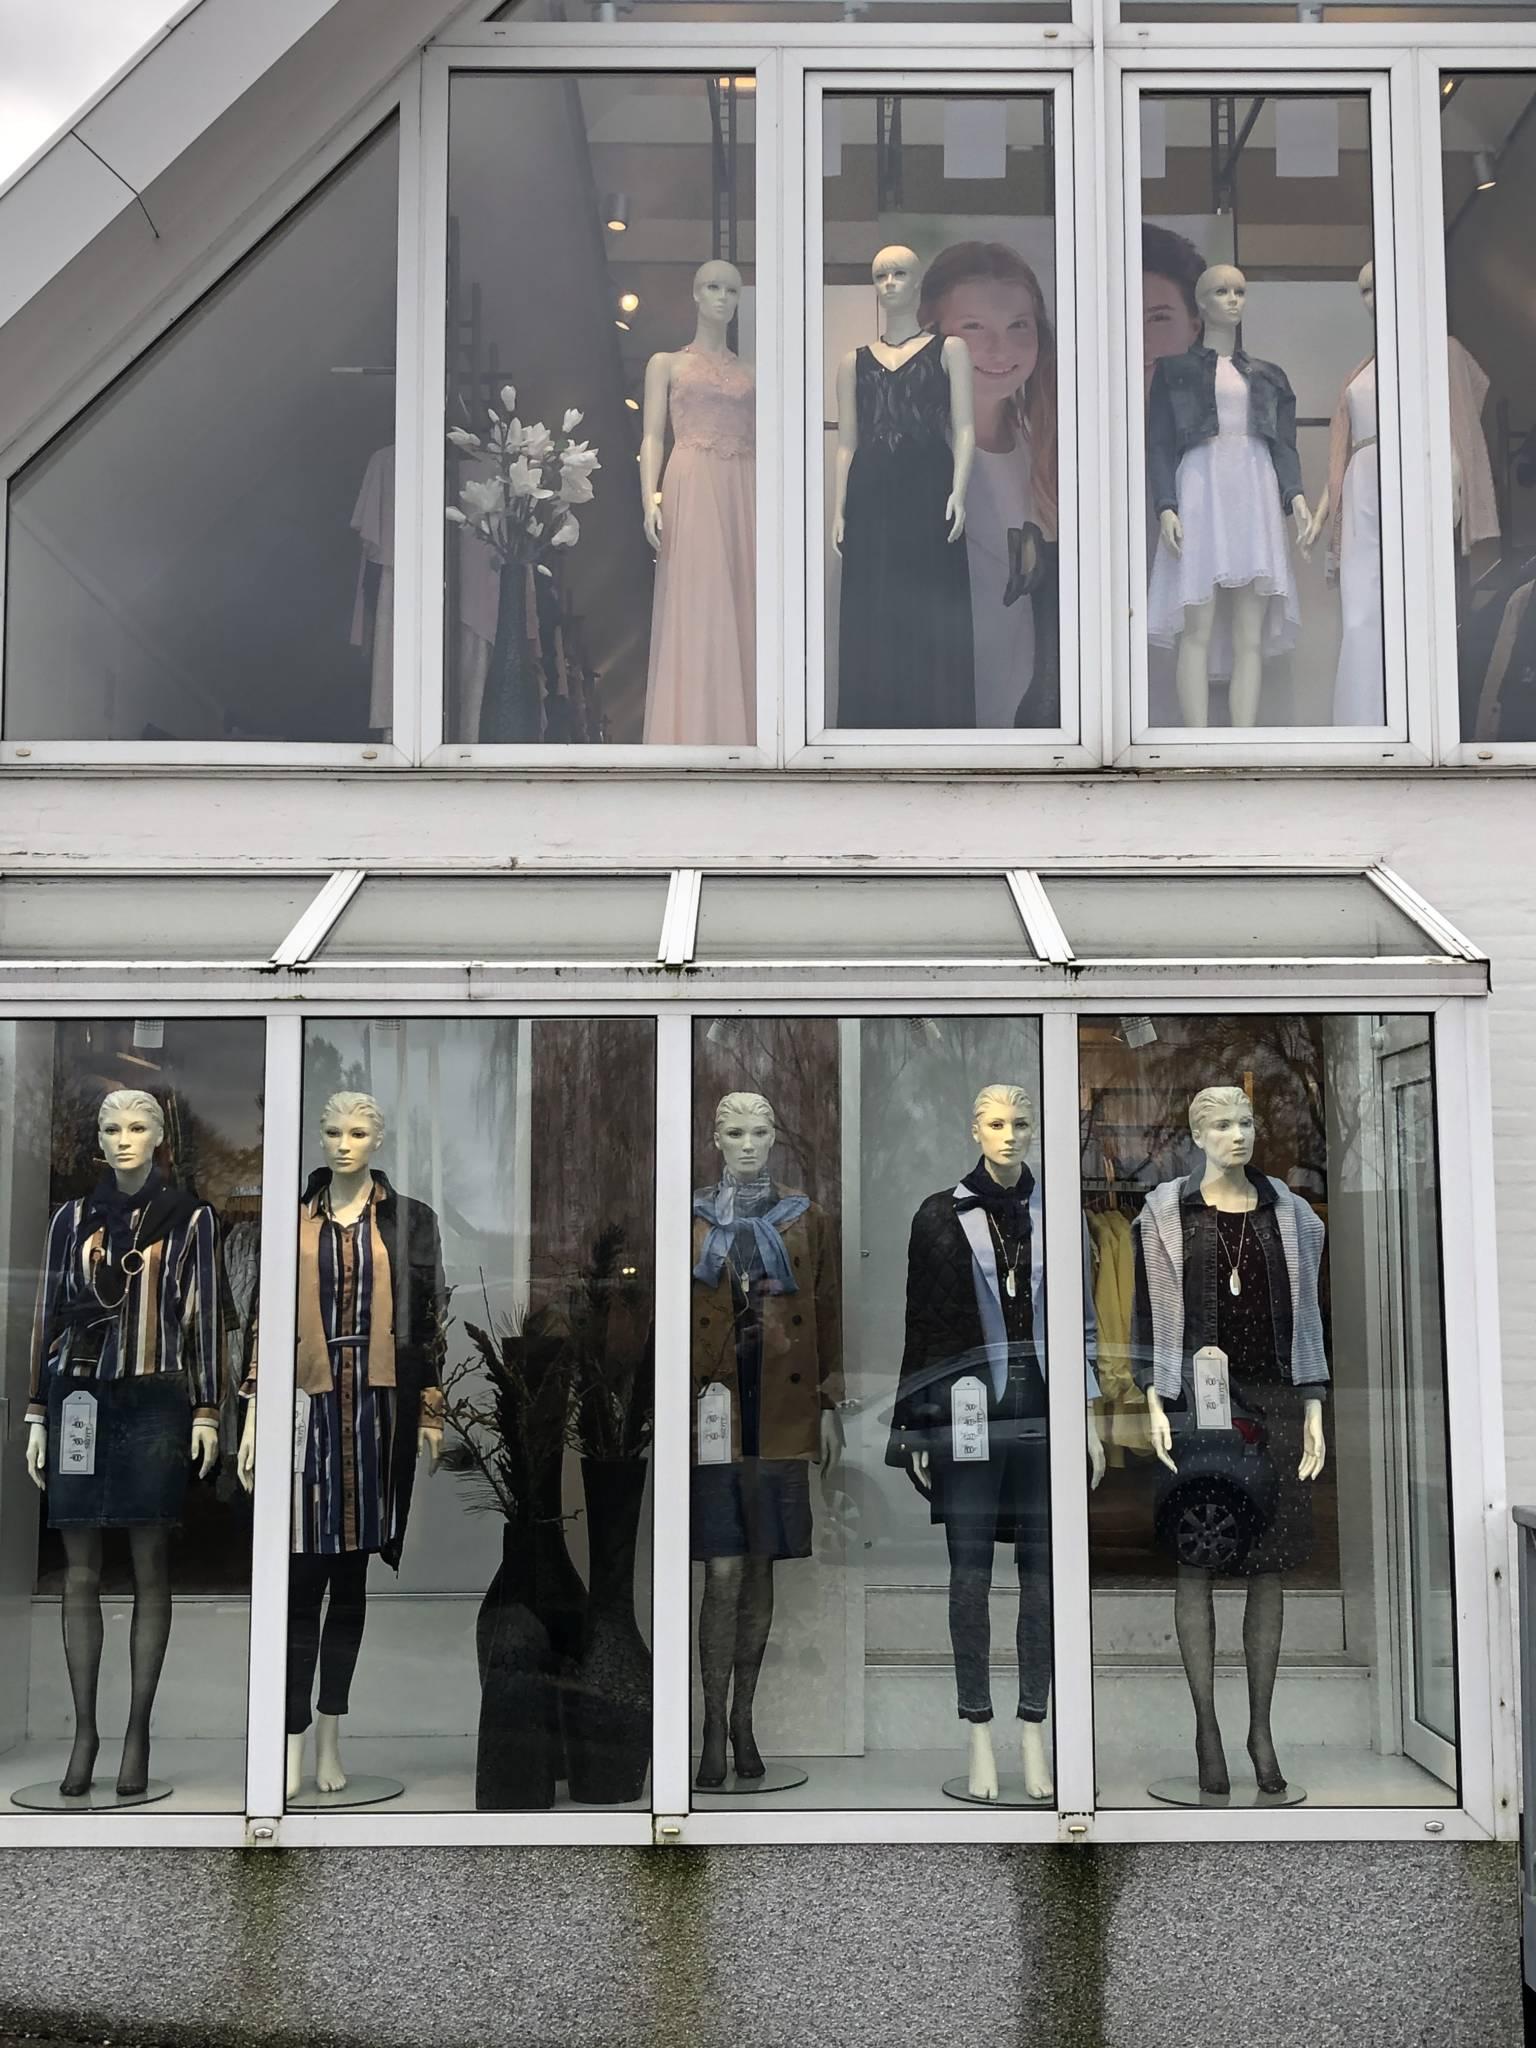 Mannequin udstilling i 2 niveauer